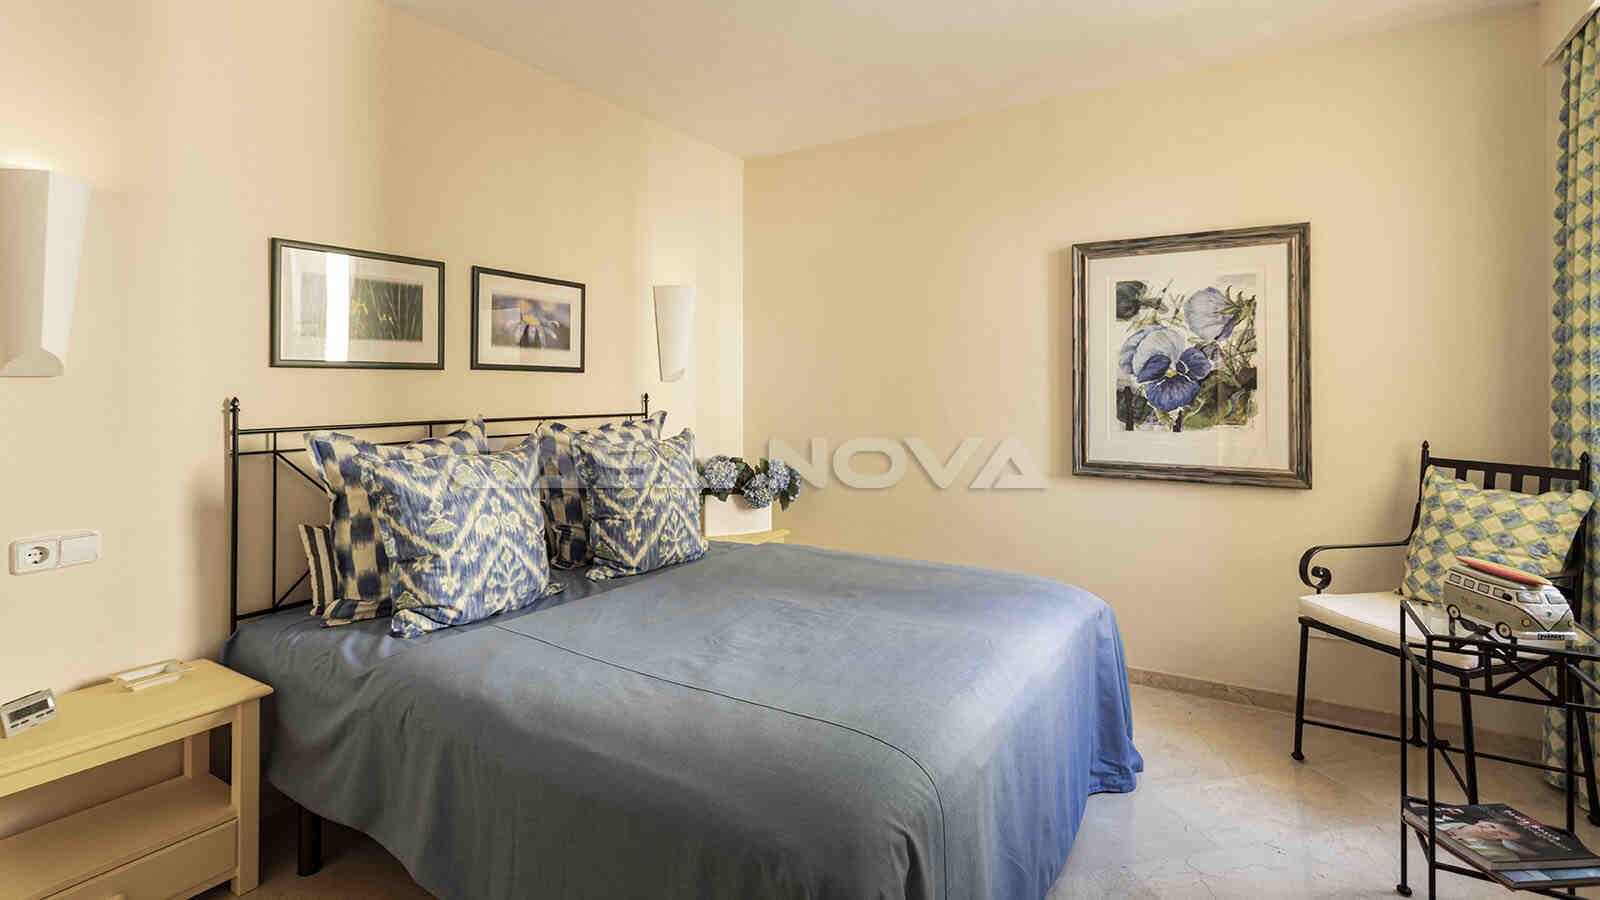 Weiteres Doppelschlafzimmer mit Einbauschränken